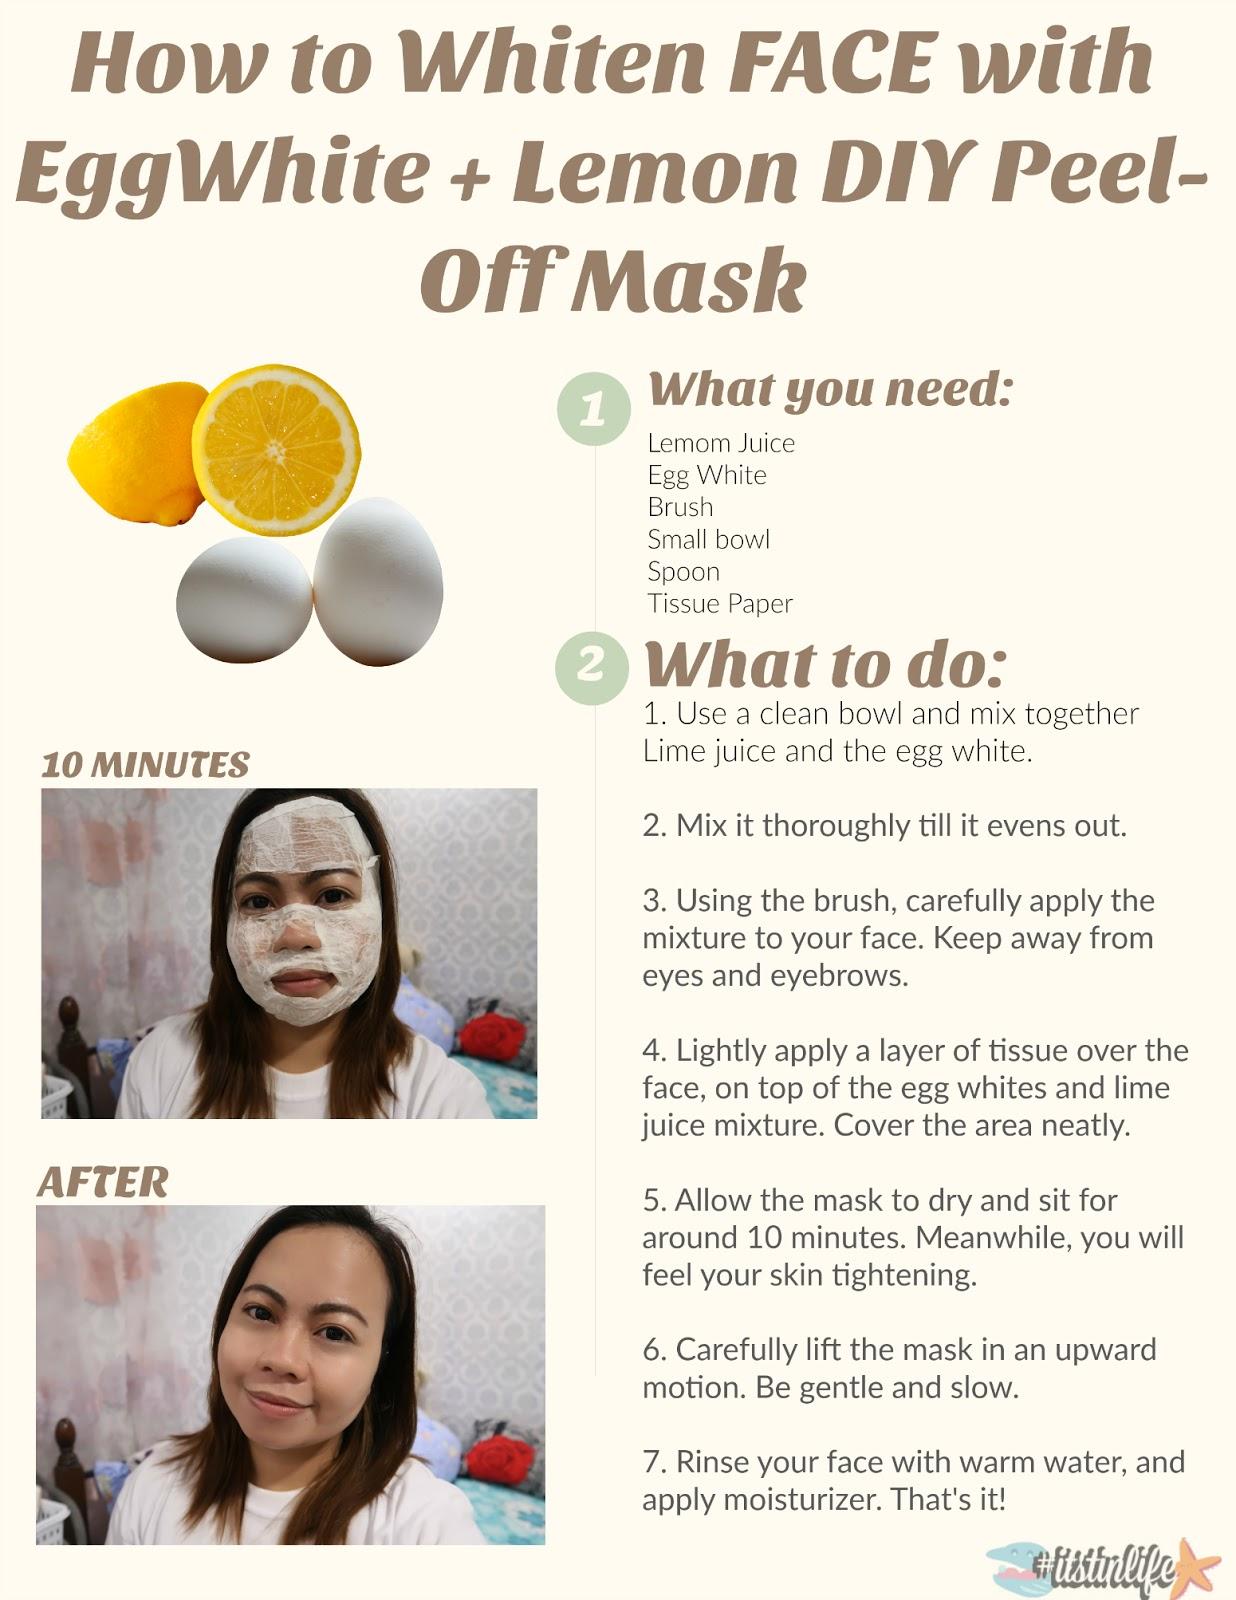 Whiten SKIN with EggWhite + Lemon DIY Peel-Off Mask | itstinlife